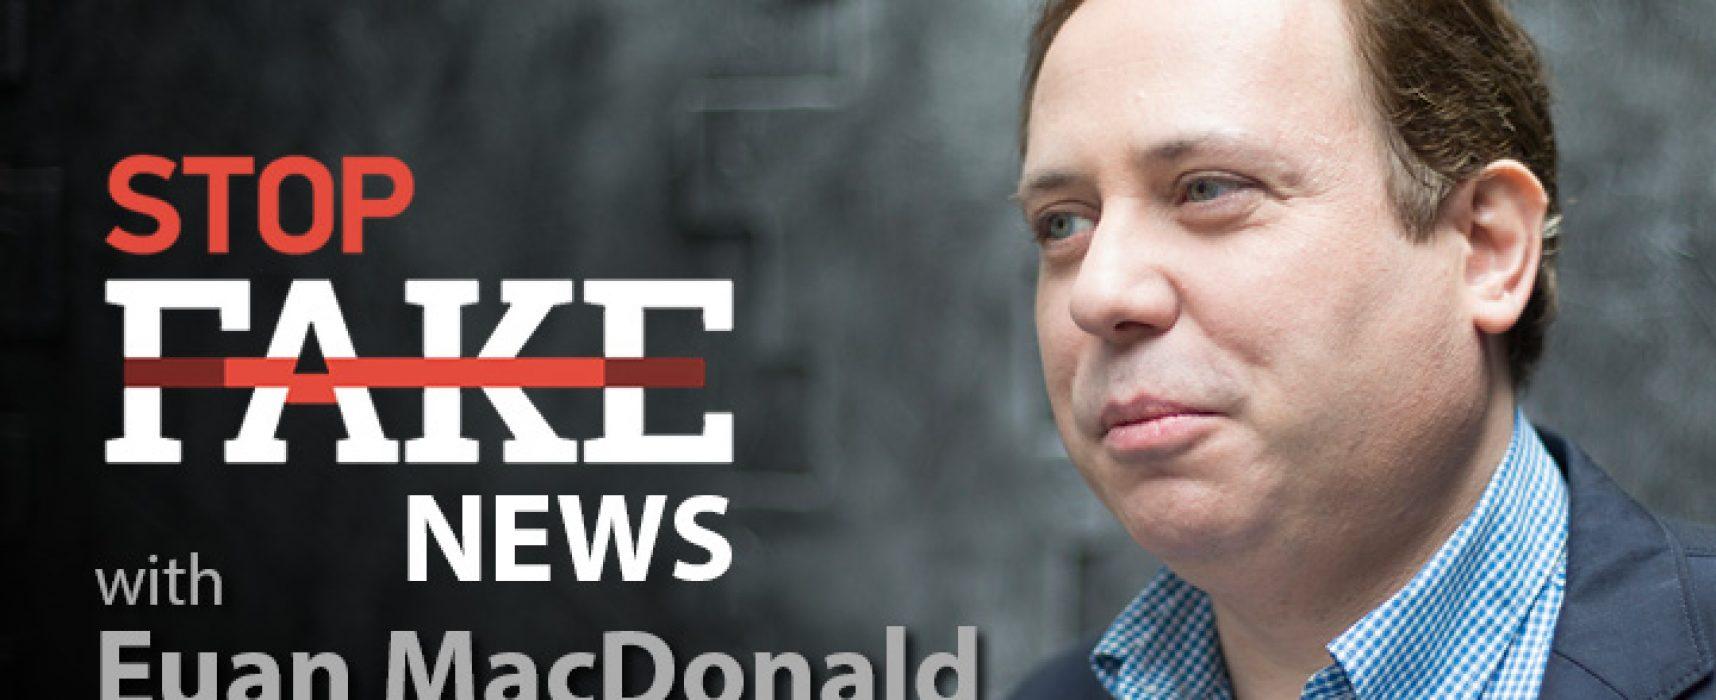 StopFakeNews #96 [Engels] met Euan MacDonald